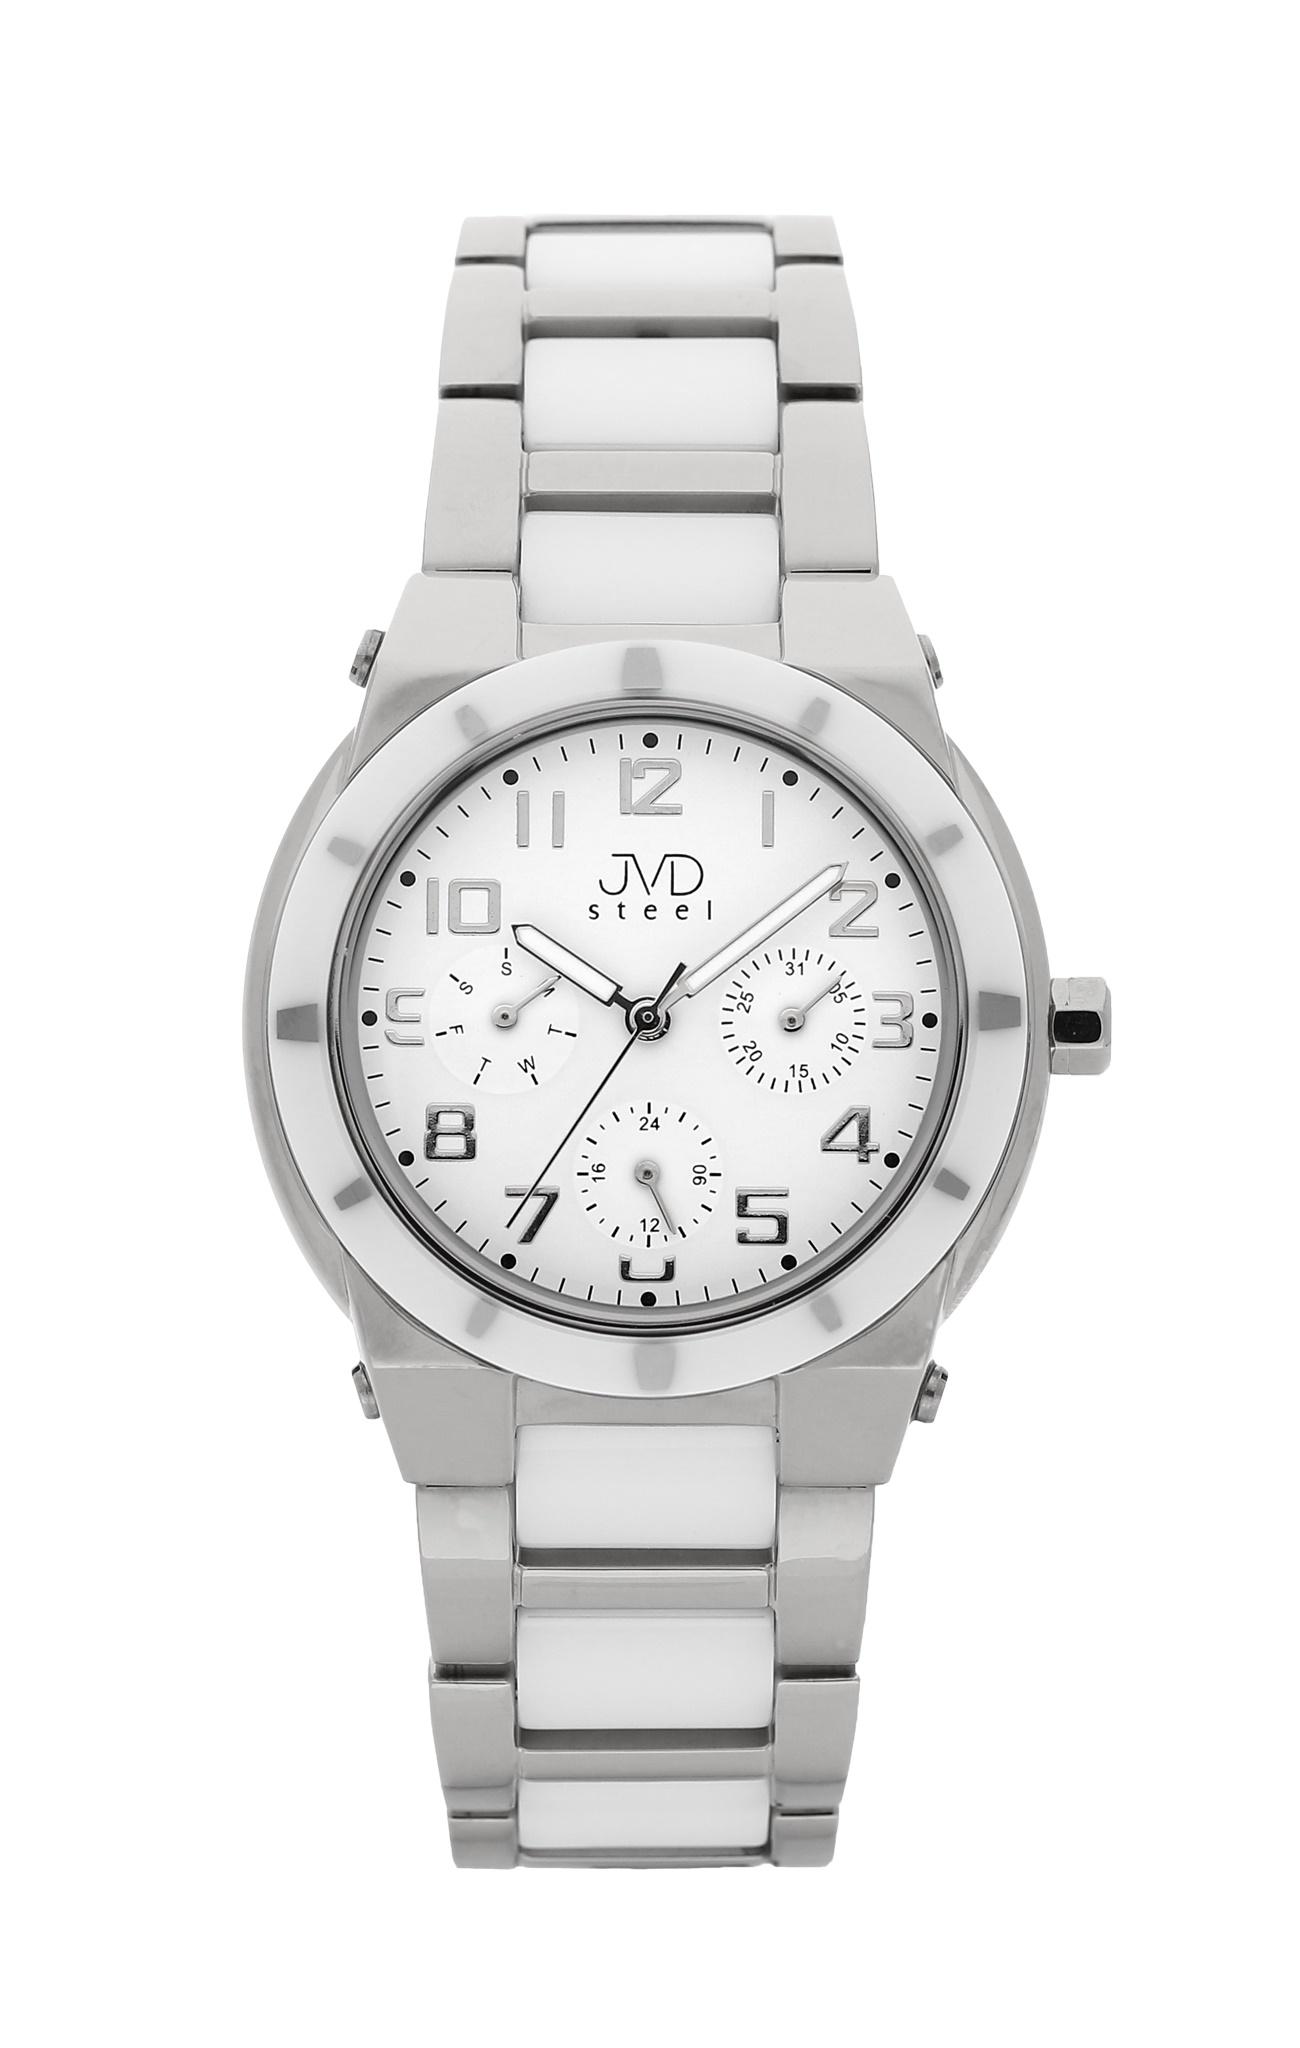 a8c646bad Dámský chronograf - keramické hodinky JVD steel J4131.1 s keramickou  lunetou POŠTOVNÉ ZDARMA!